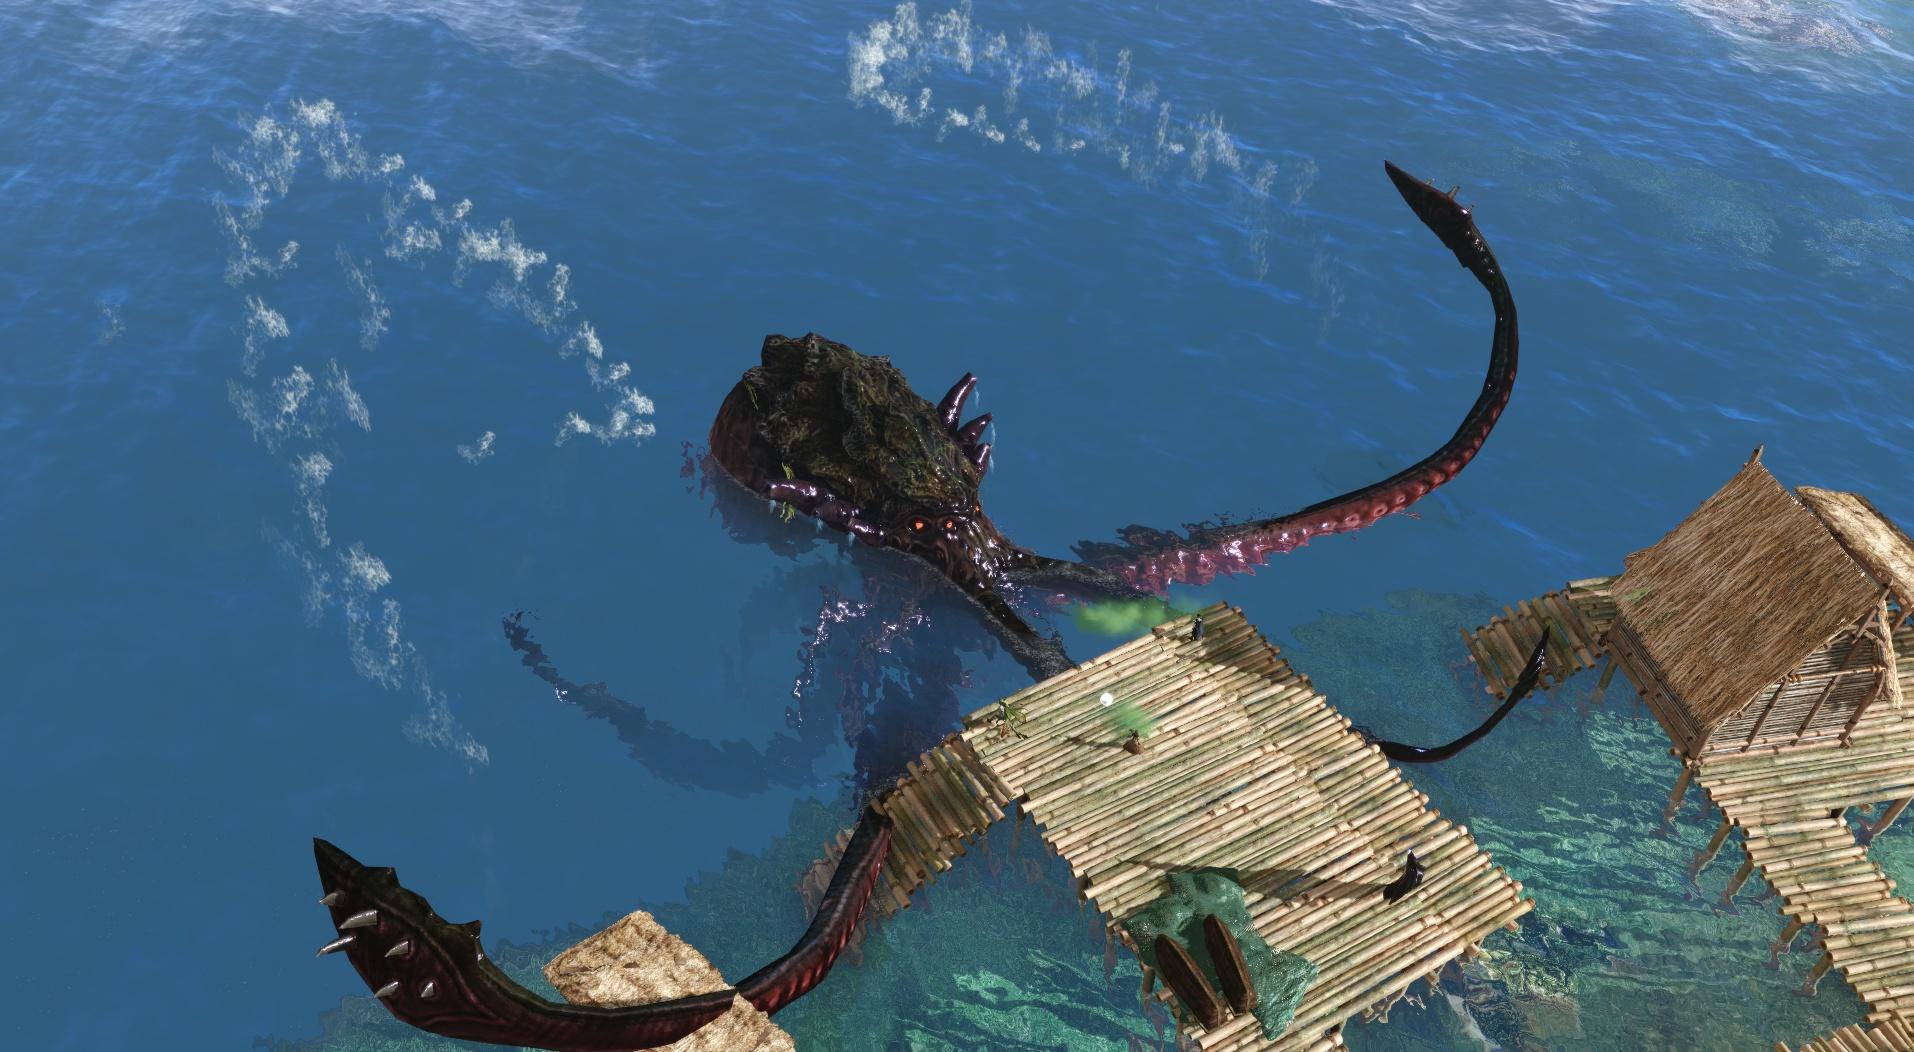 krakennsmallmco89.jpg